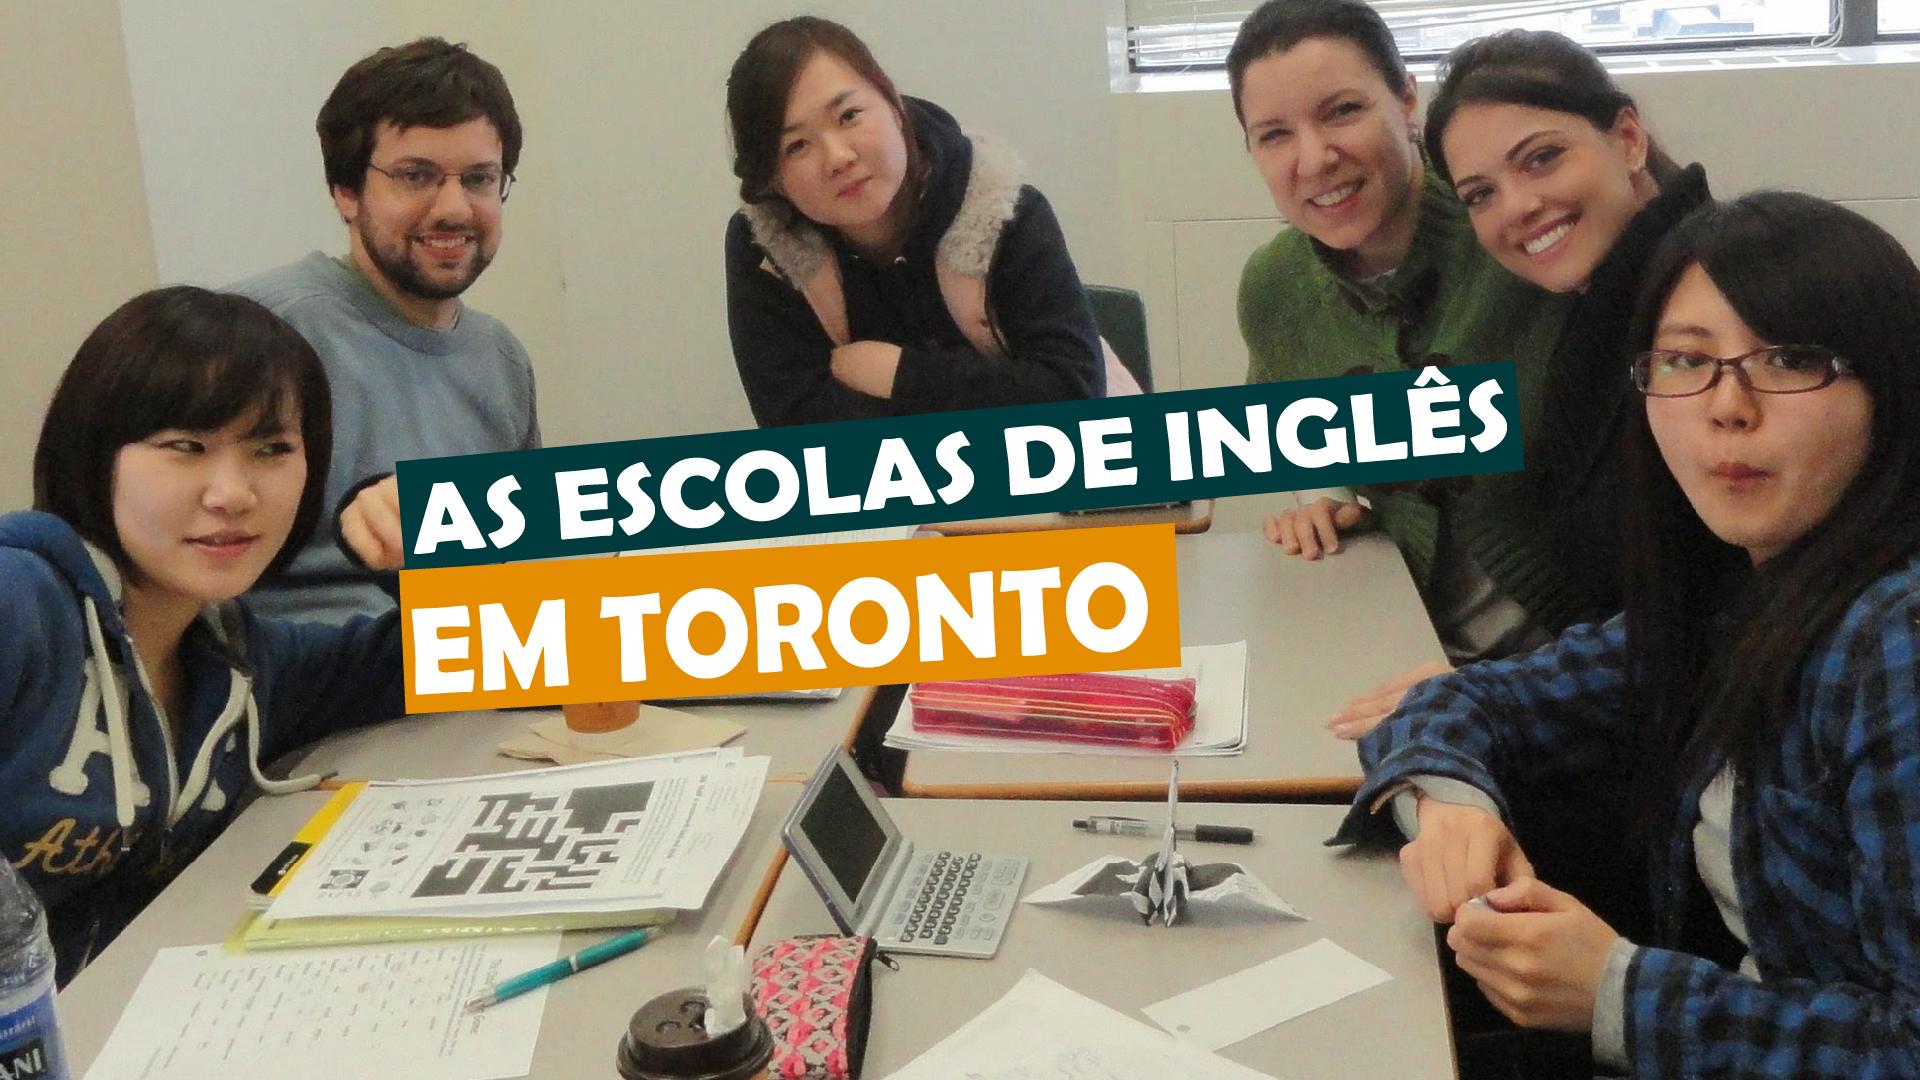 You are currently viewing As escolas de inglês em Toronto